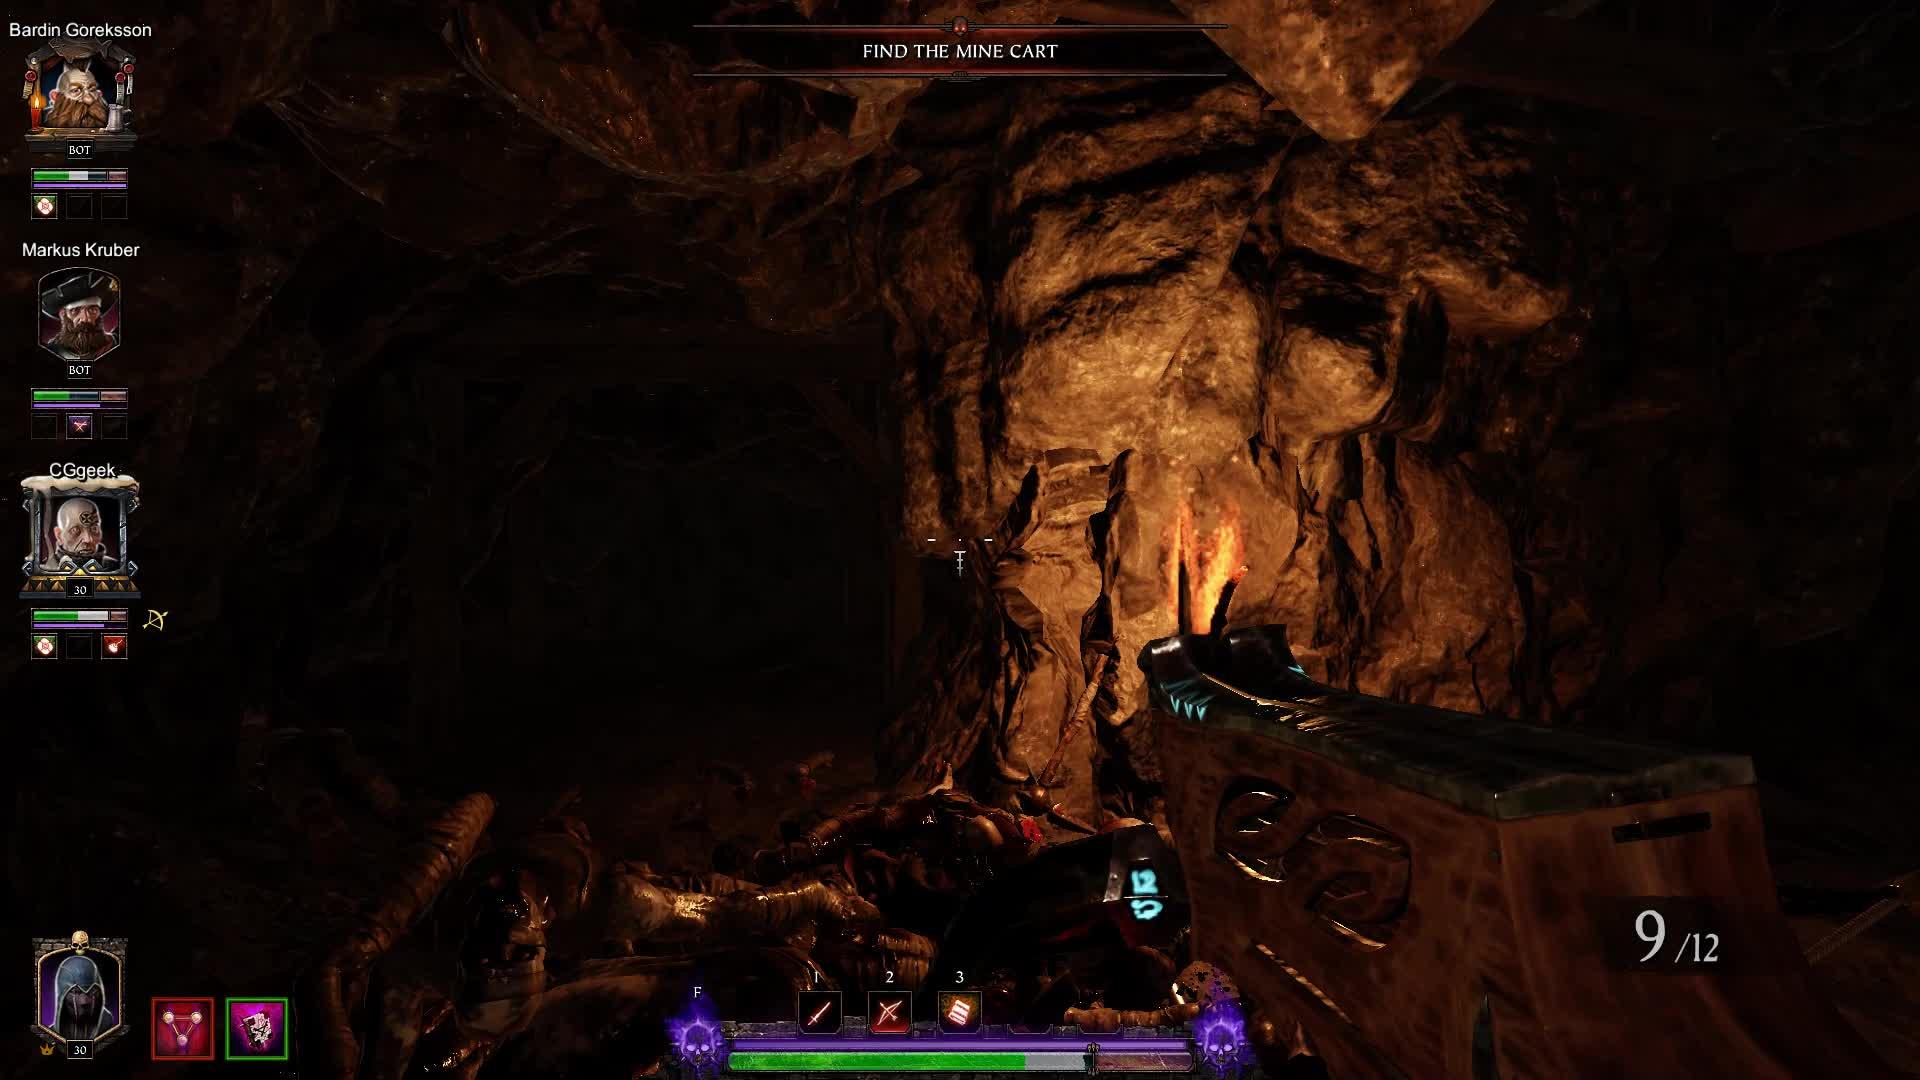 vermintide, Warhammer Vermintide 2 2019.04.02 - 22.36.56.03.DVR GIFs